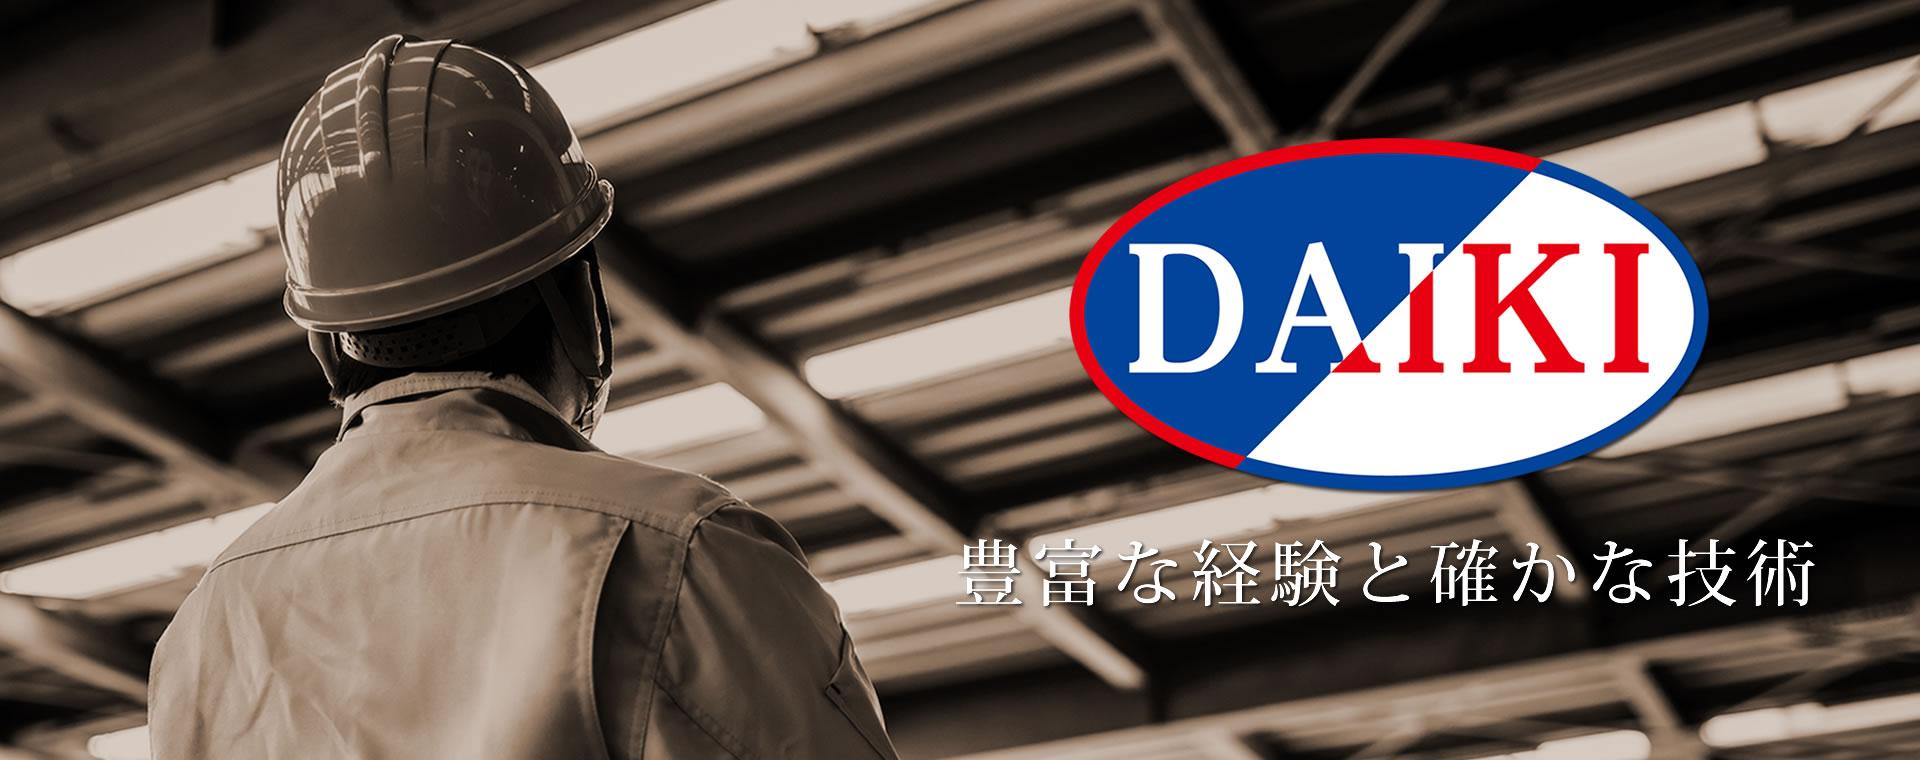 株式会社 大喜(ダイキ)/埼玉県桶川市/空気調和・衛生設備・設計施工管理